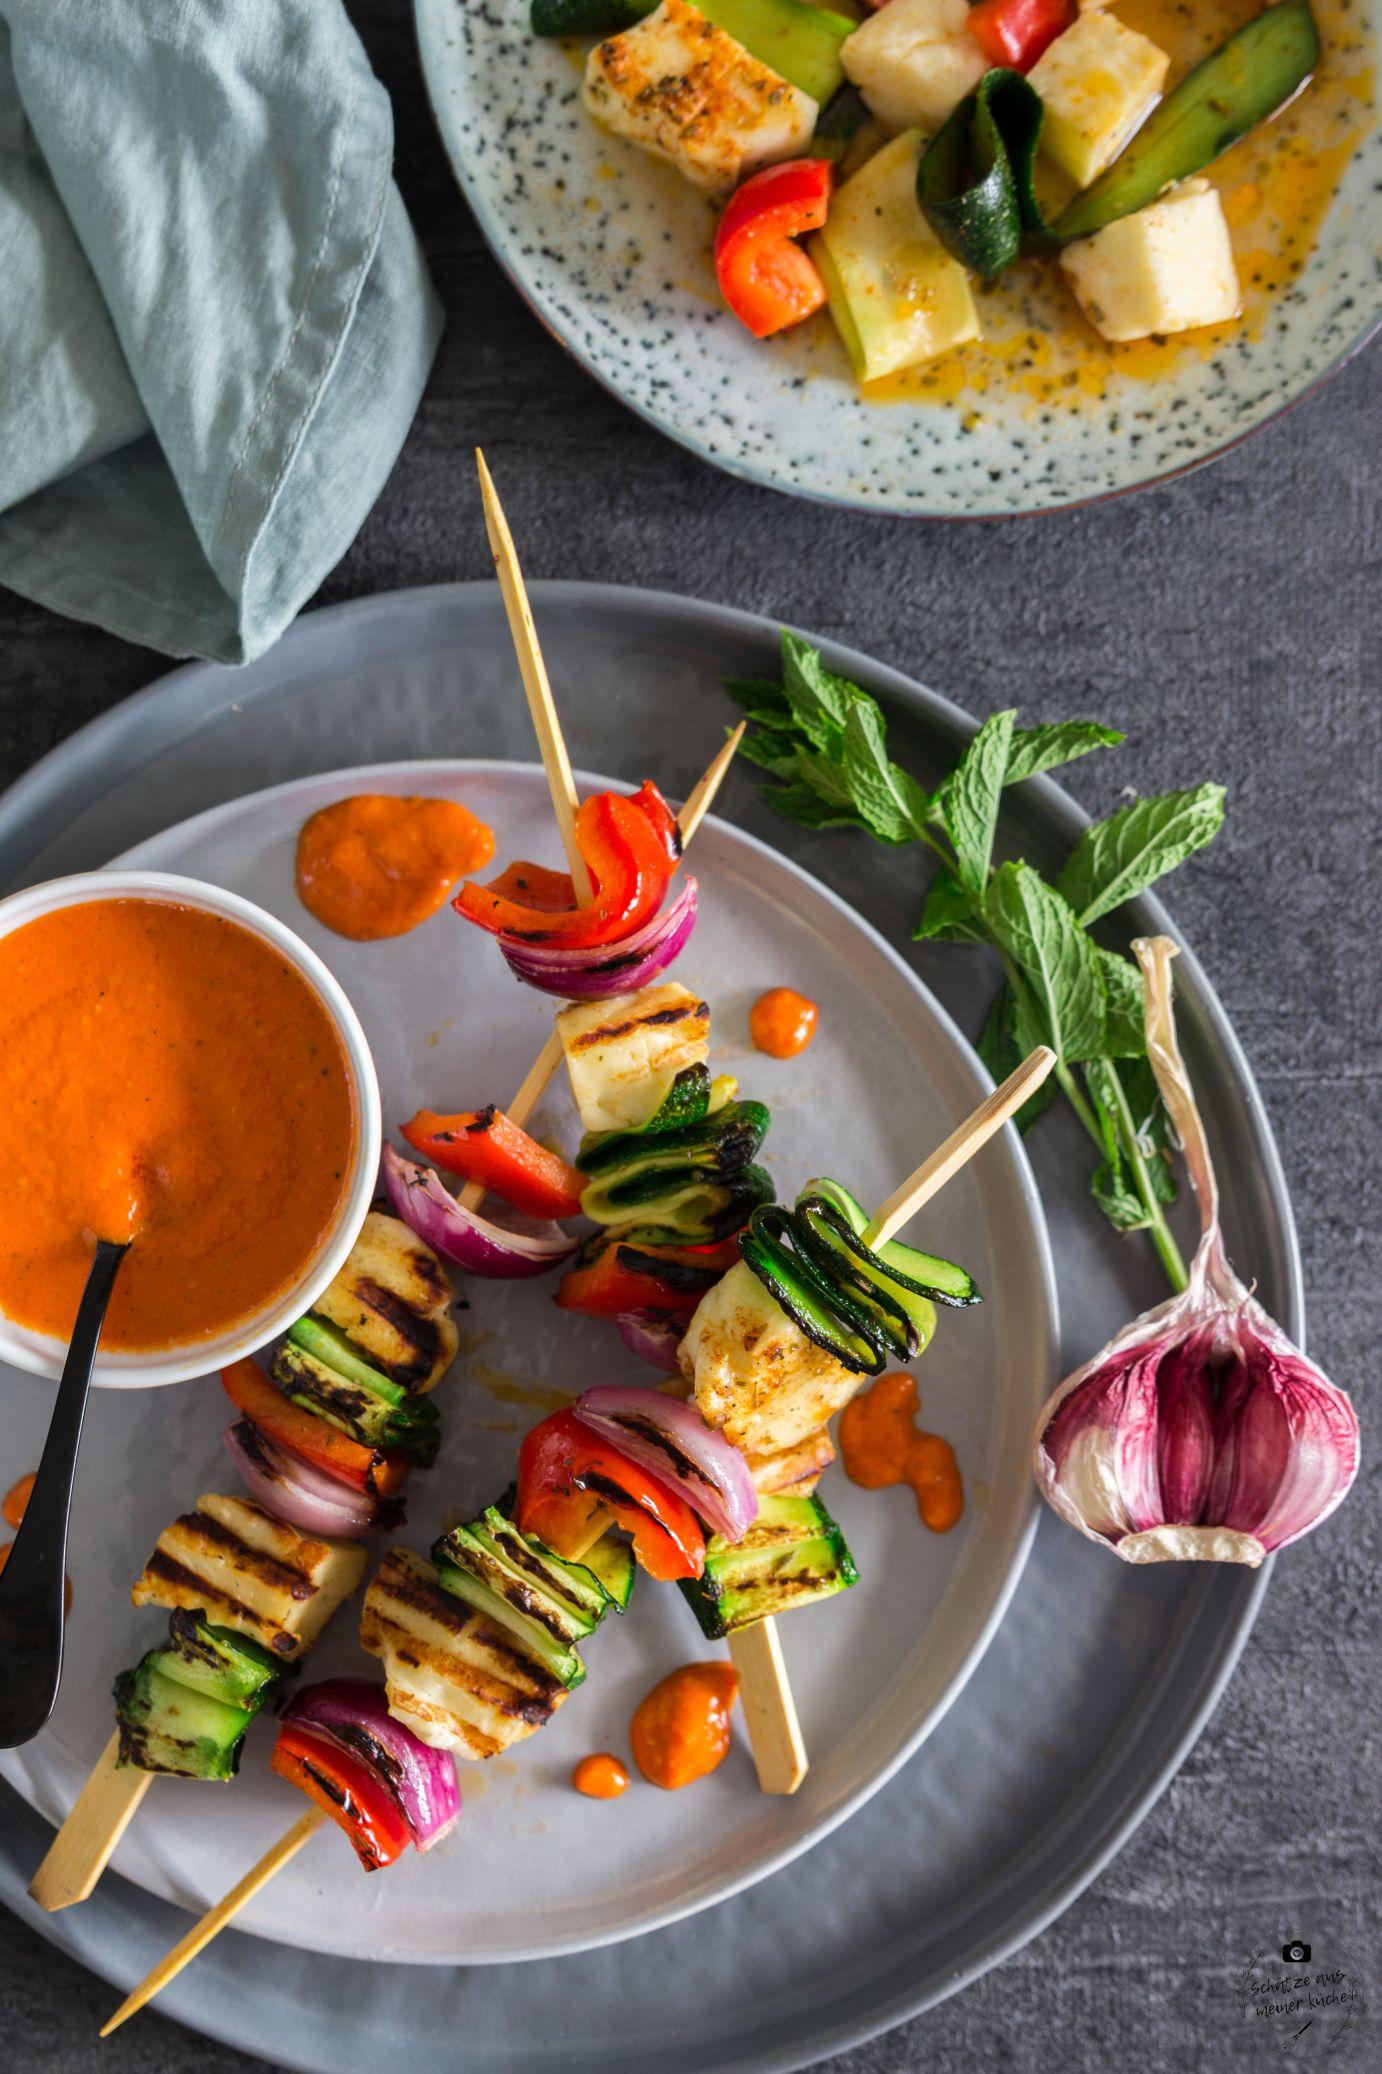 Gegrillte Halloumi-Spieße mit Gemüse und Kokosöl-Marinade Schätze aus meiner Küche